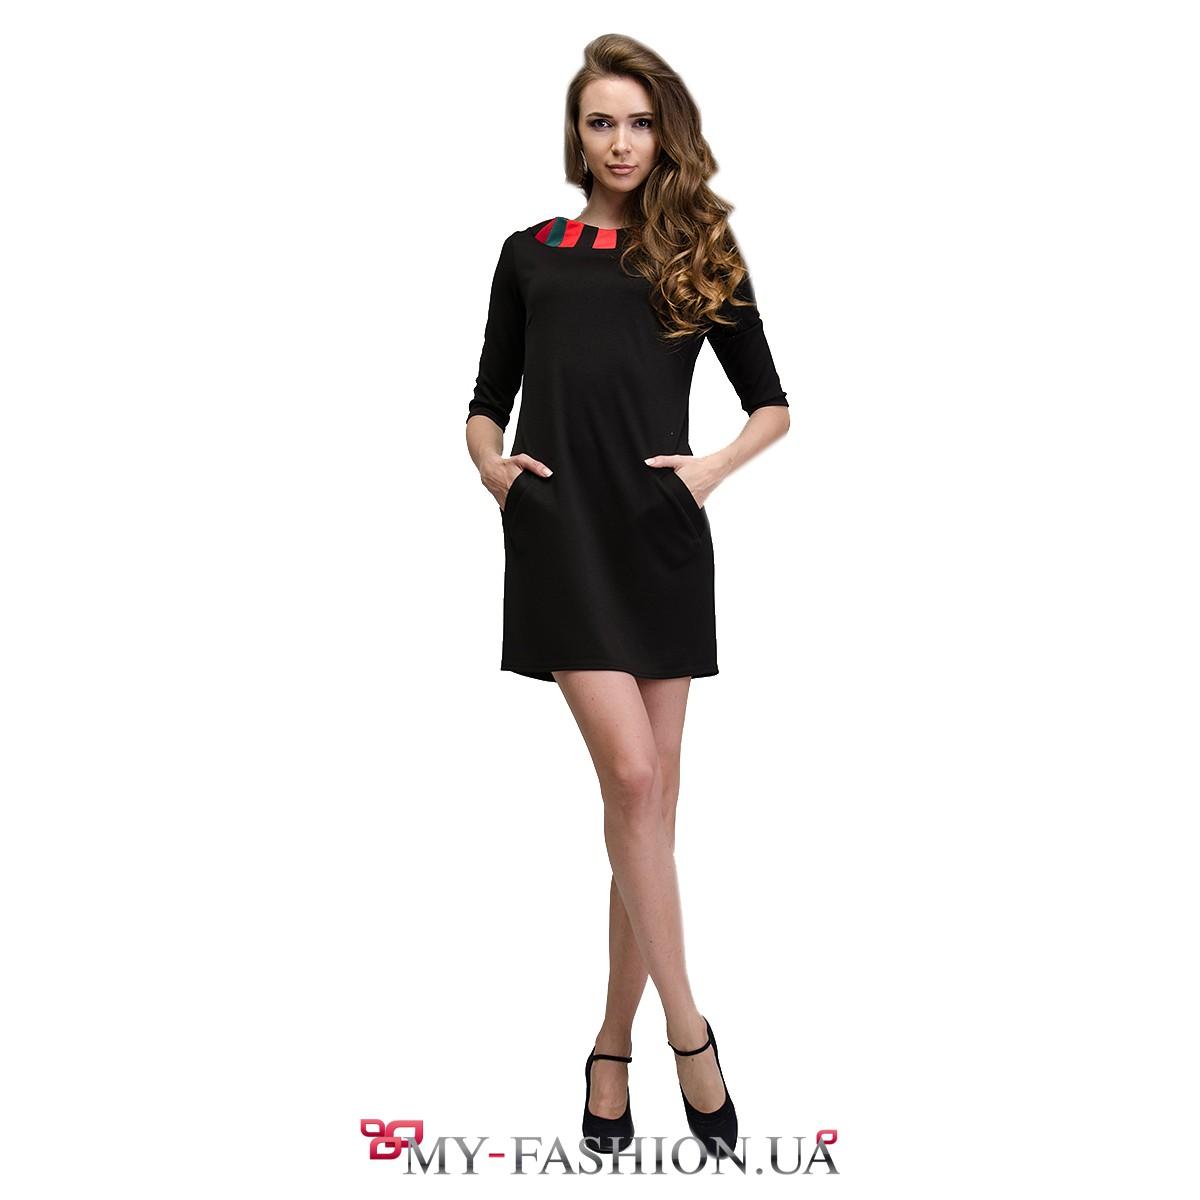 Короткое черное платье доставка